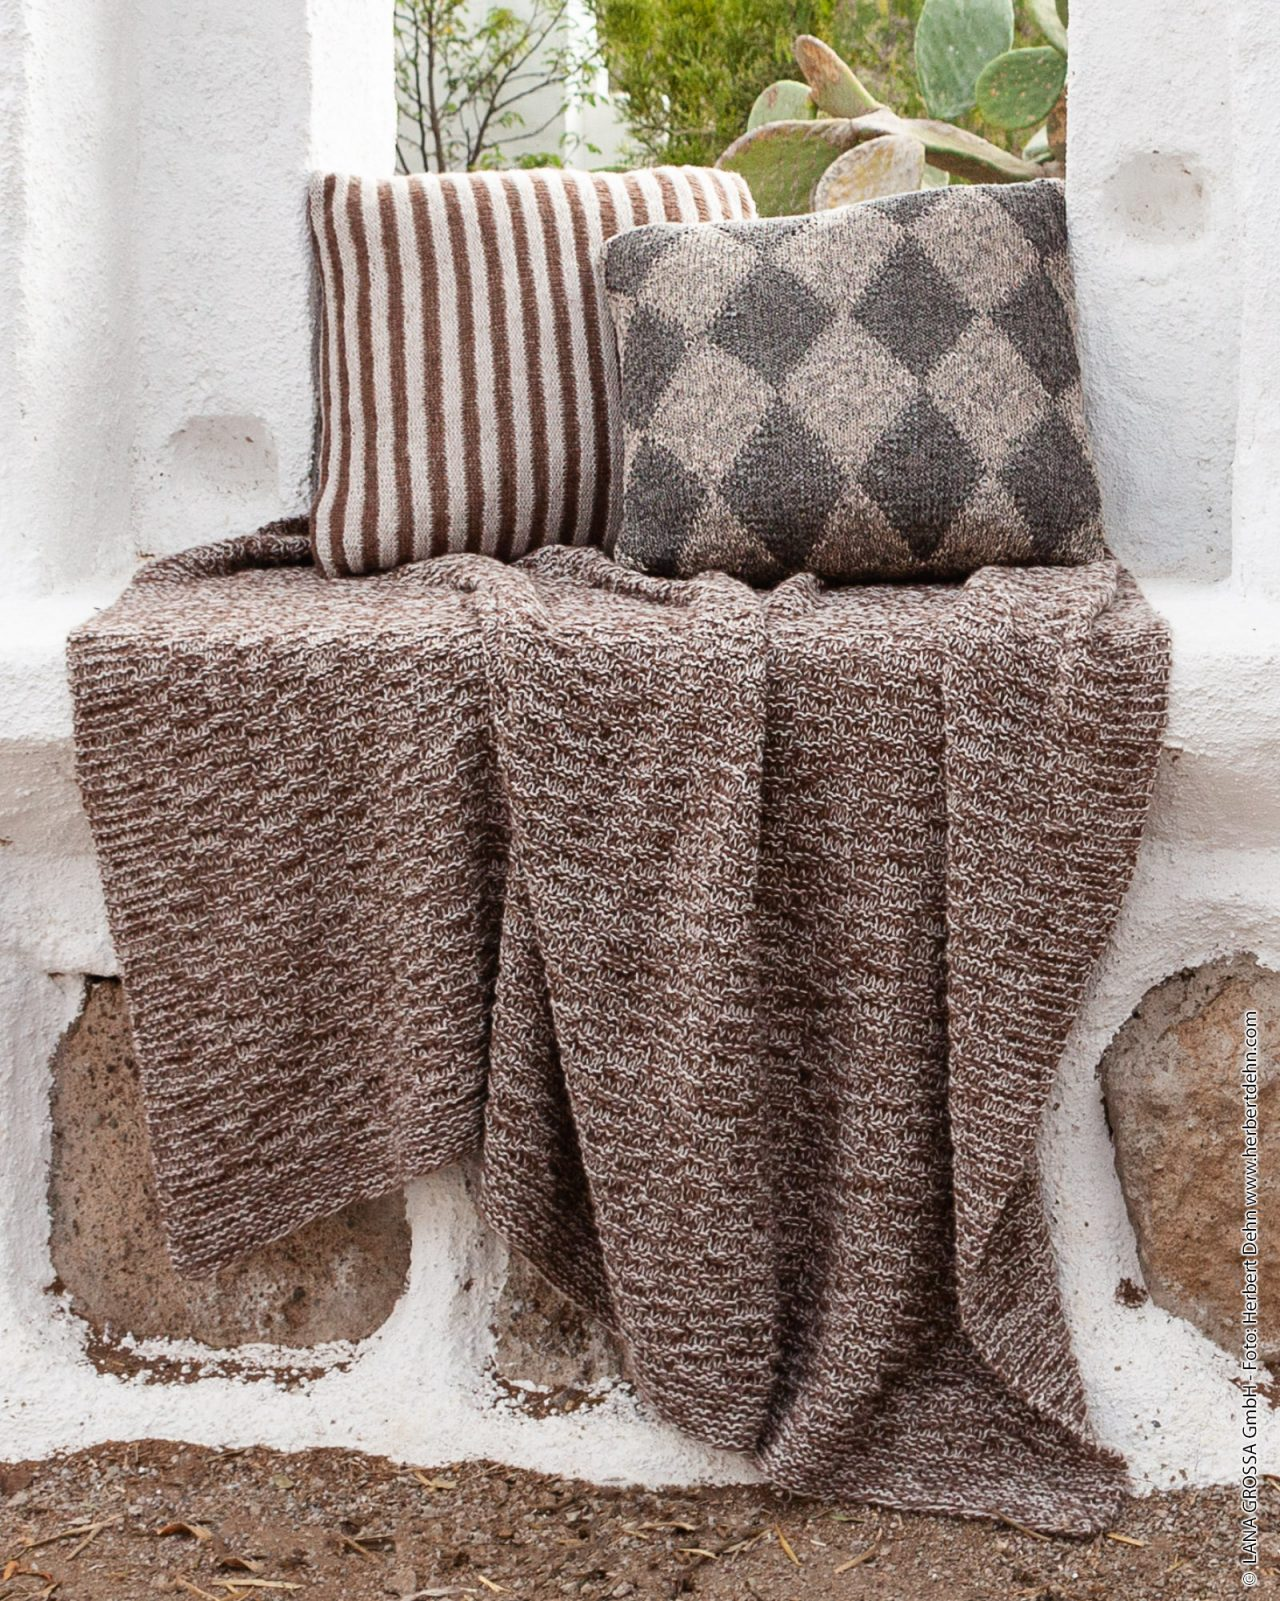 Modello di coperta ai ferri a maglia legaccio e motivo rigato Lana Grossa Ecopuno 28 - Fornasari Distribuzione